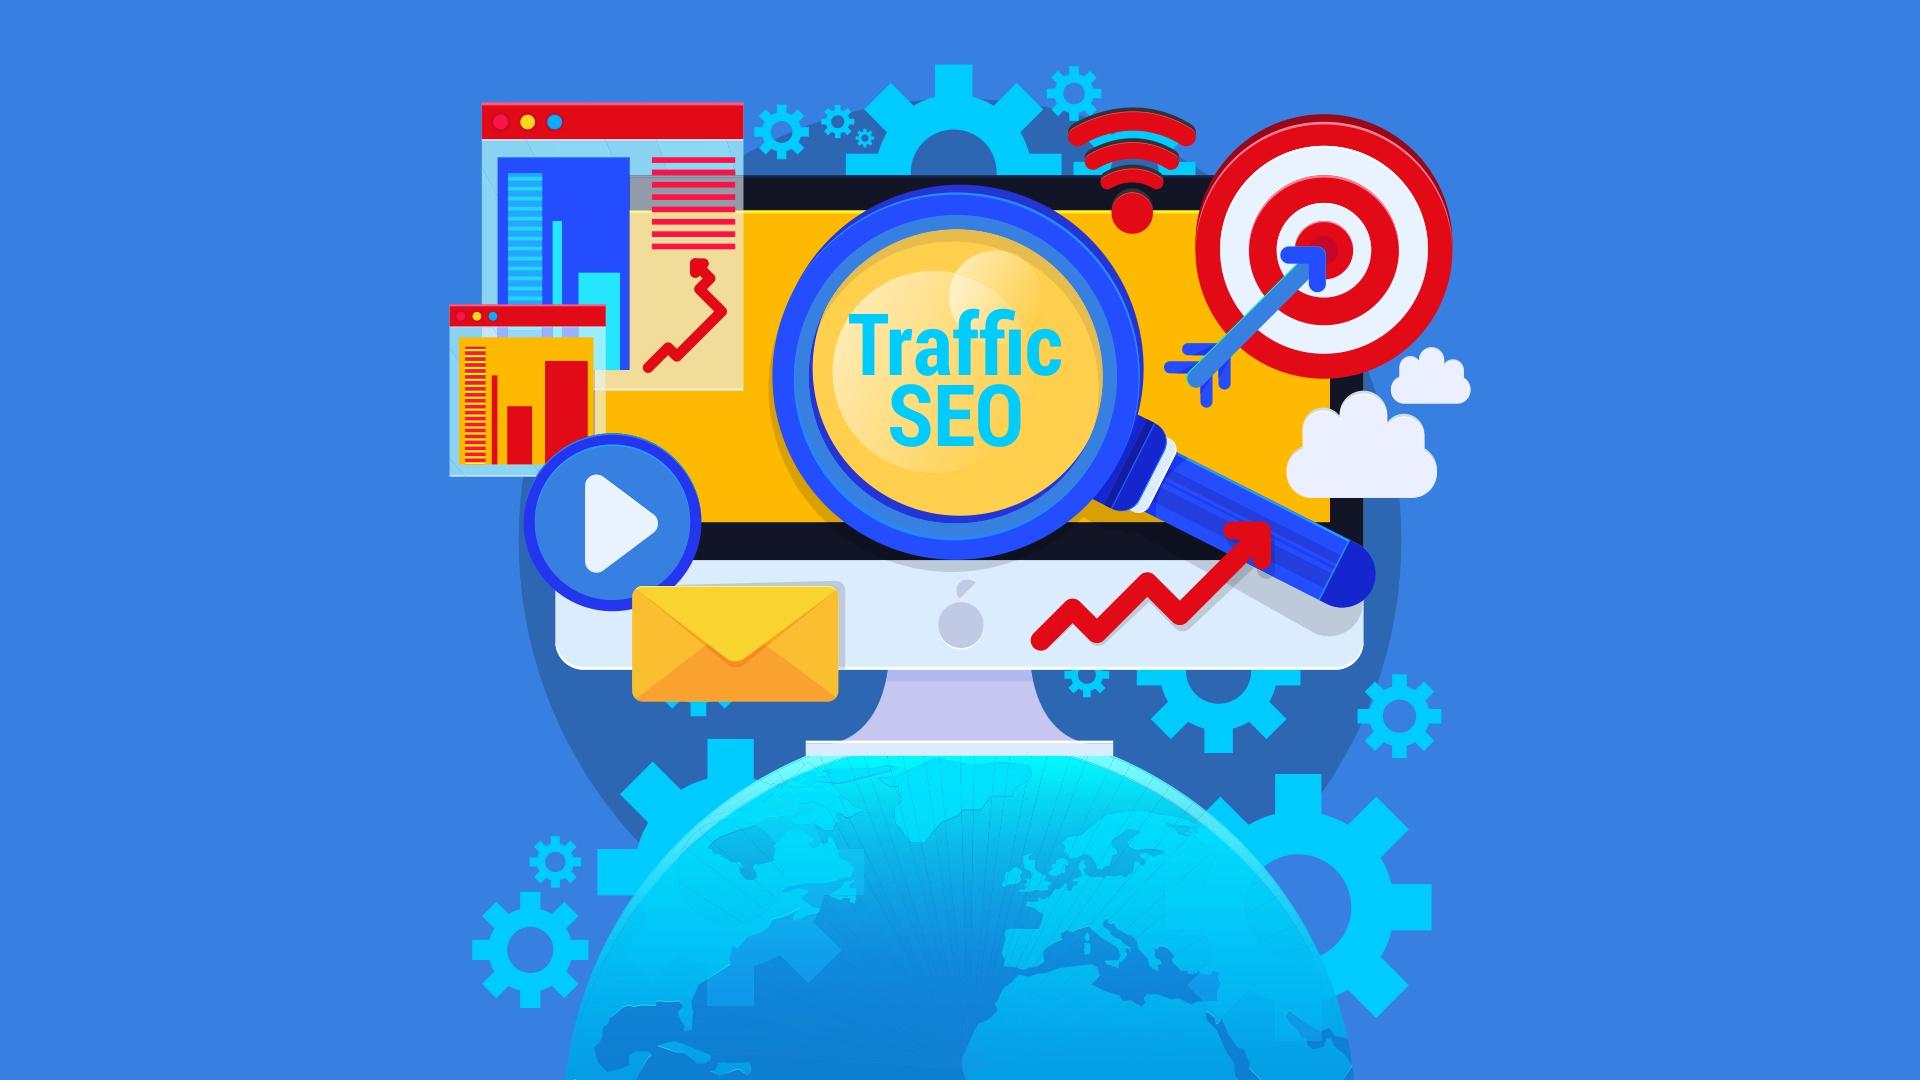 TrafficSEO